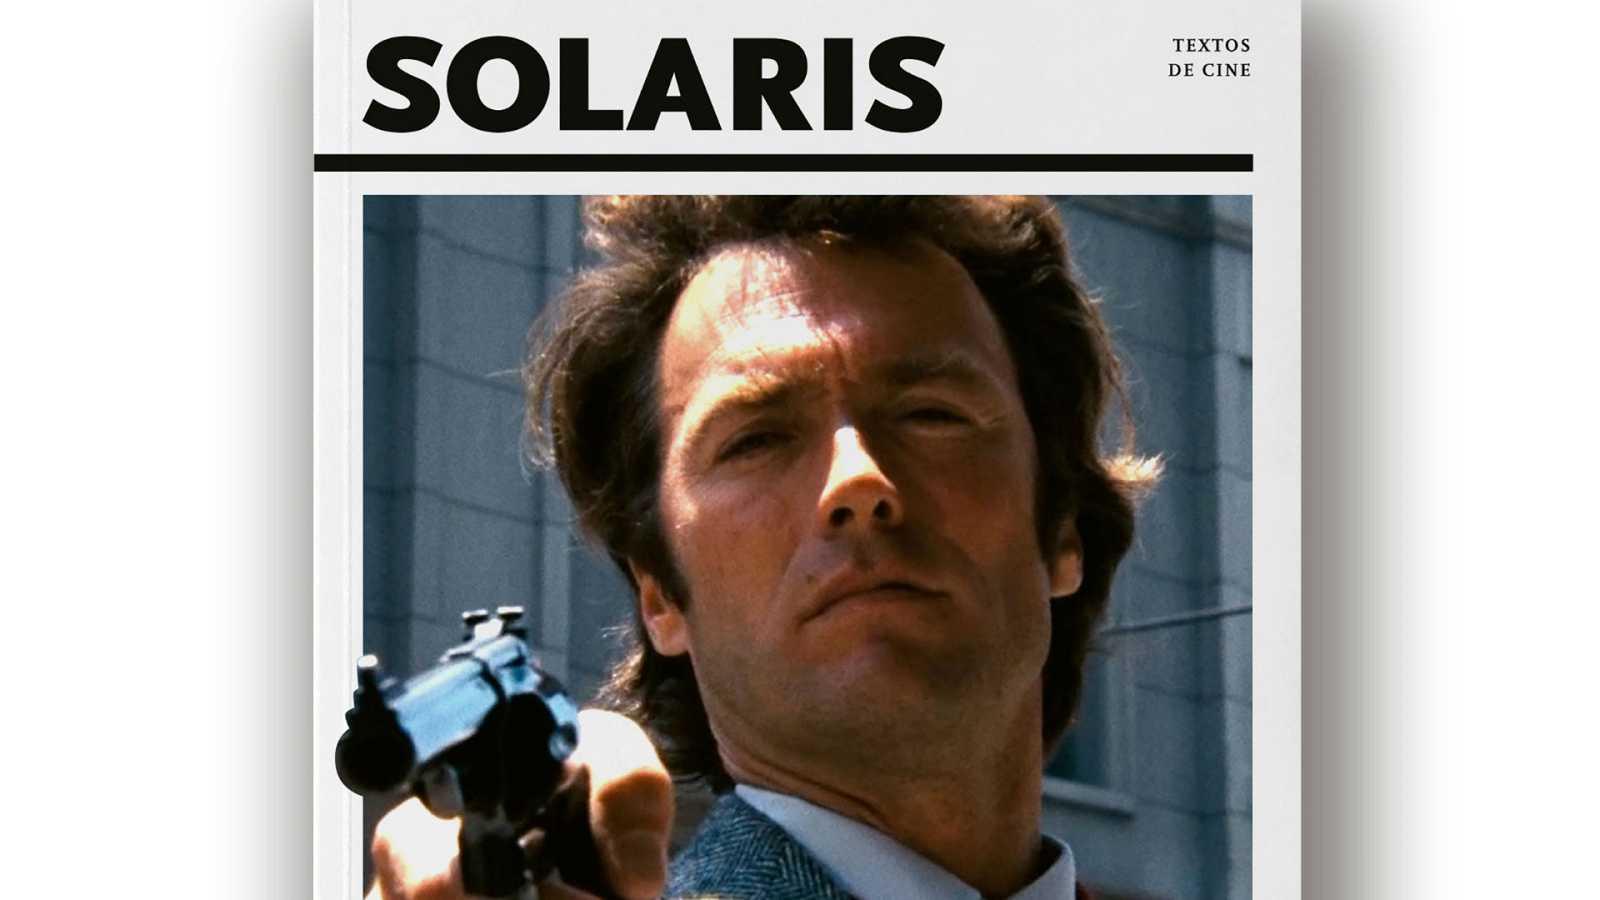 El cine que viene - El cine que hoy no se puede hacer/Revista Solaris - 11/12/20 - escuchar ahora